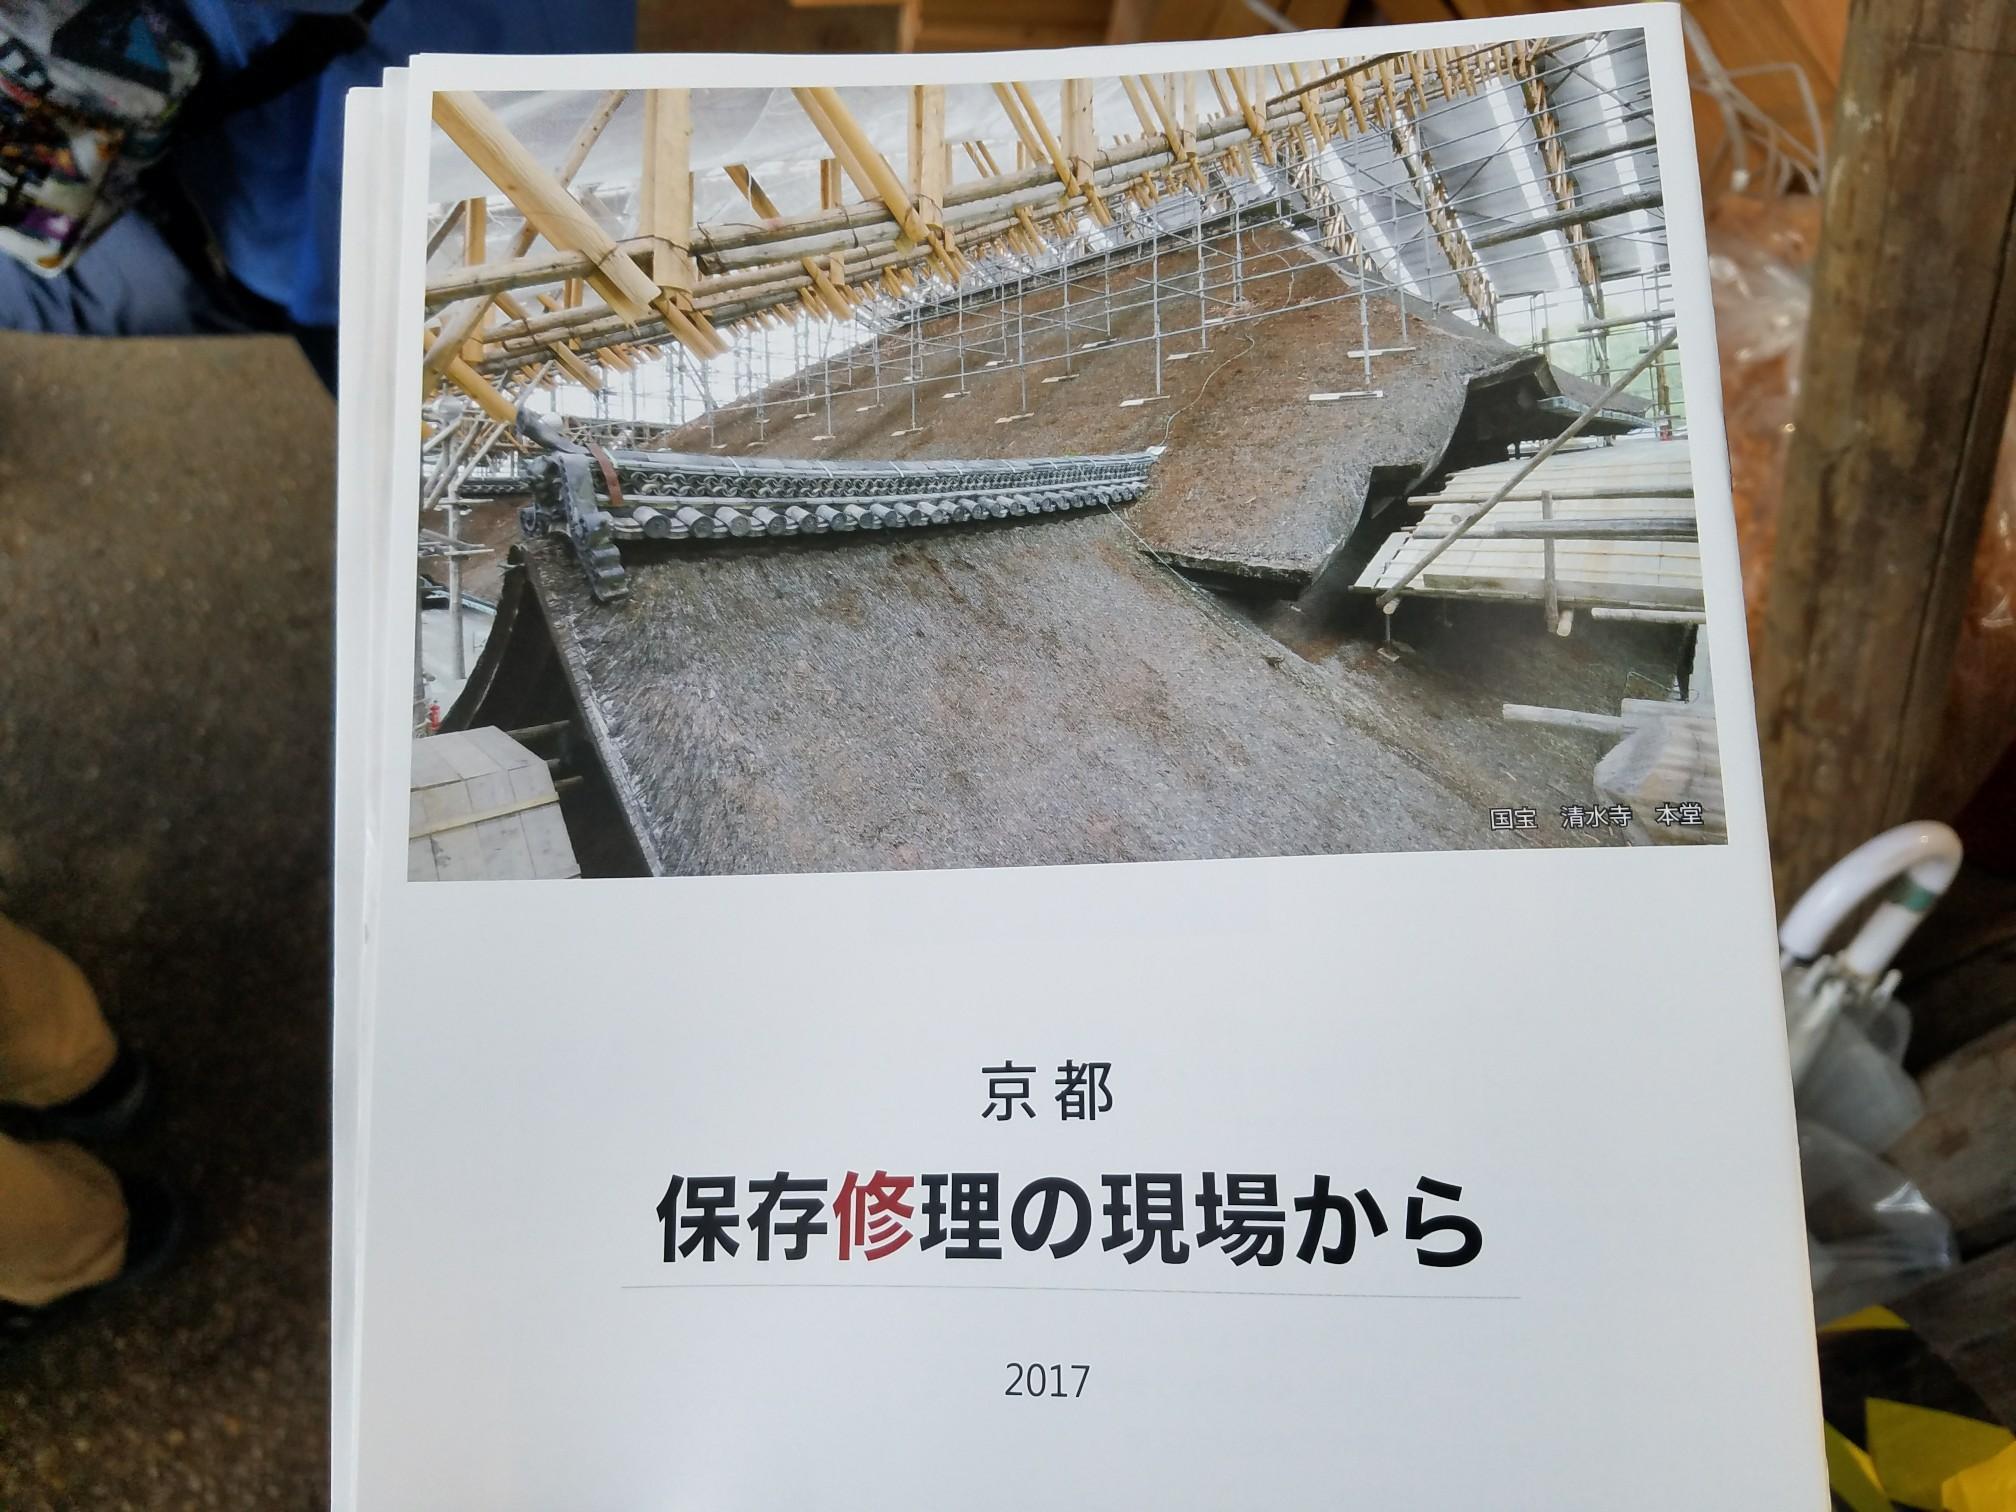 20171209_113259.jpg